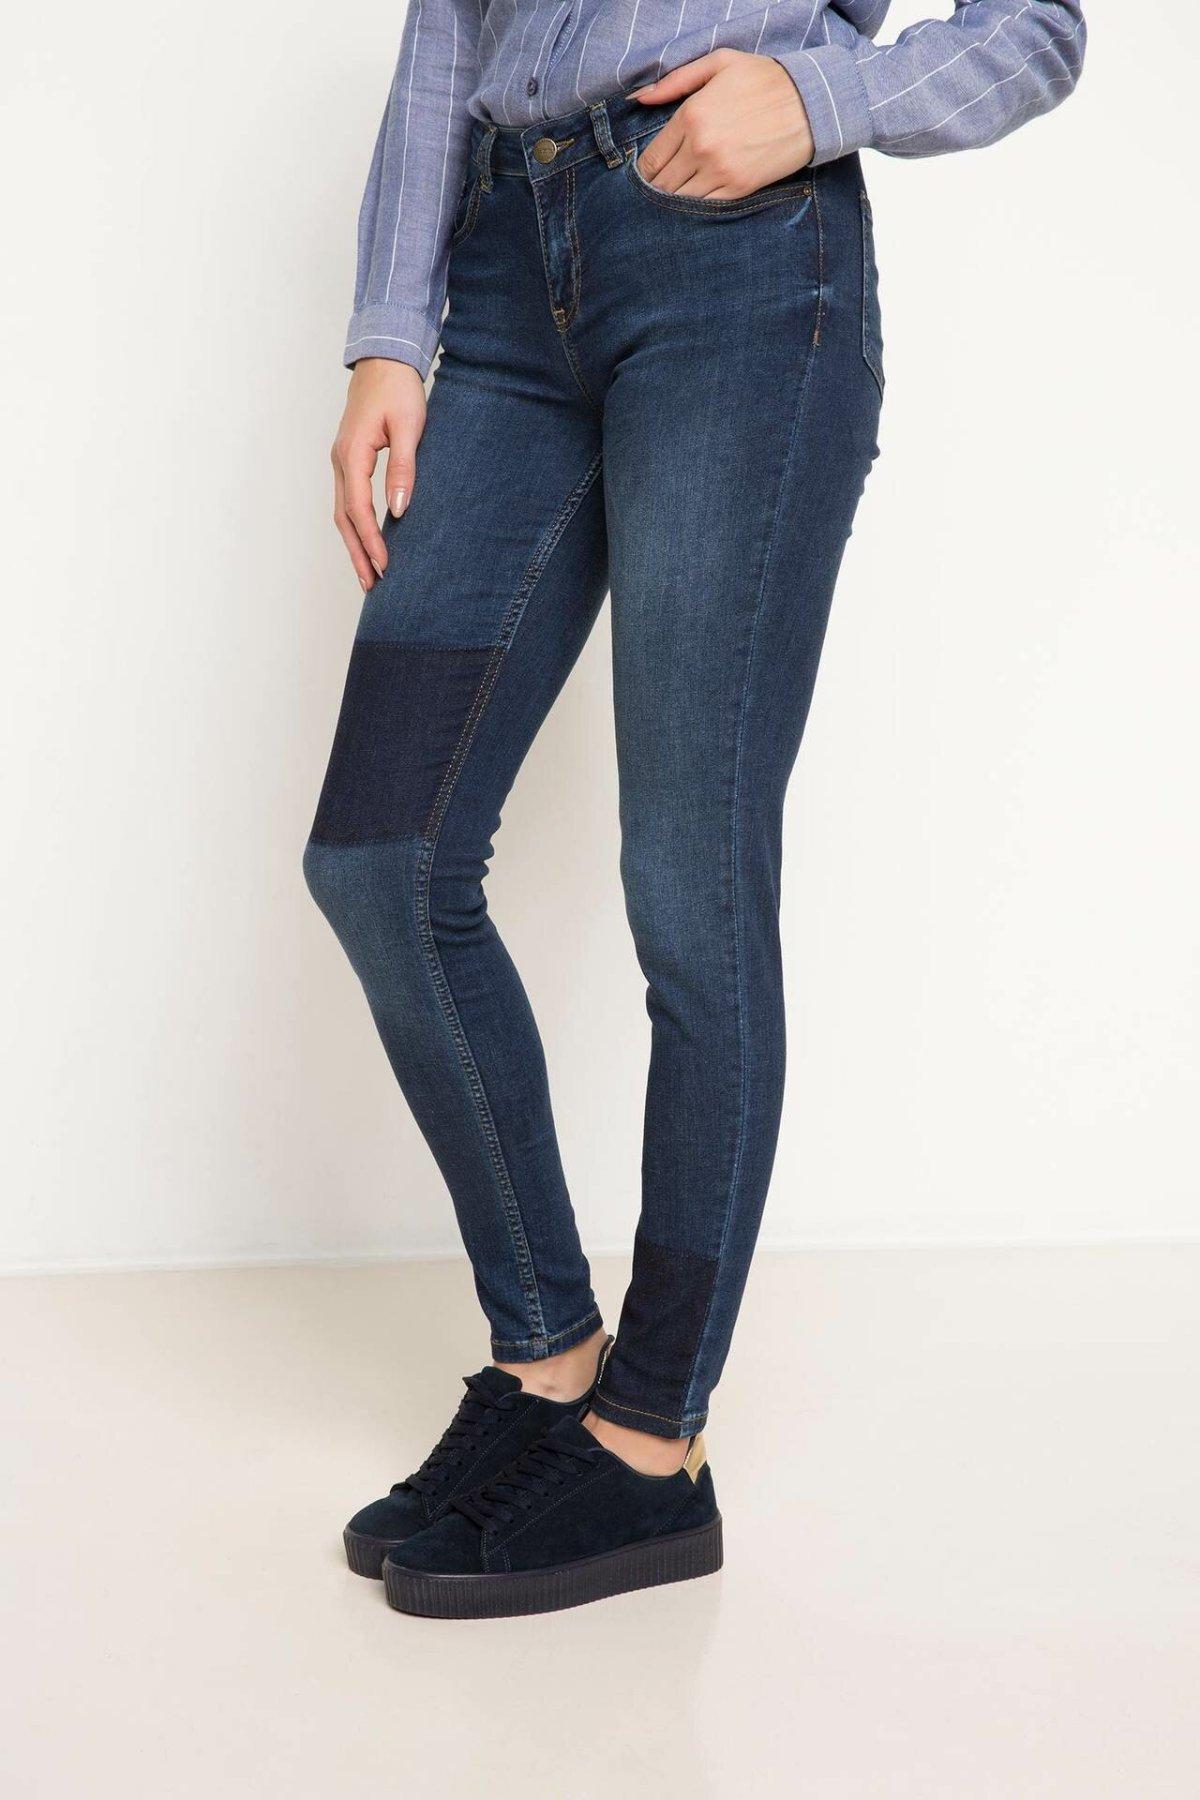 DeFacto Blue Lady Skinny Jeans Denim Simple Mid-waist Denim Stretch Casual Denim Jeans Pencil Trousers-H8518AZ17AU-H8518AZ17AU